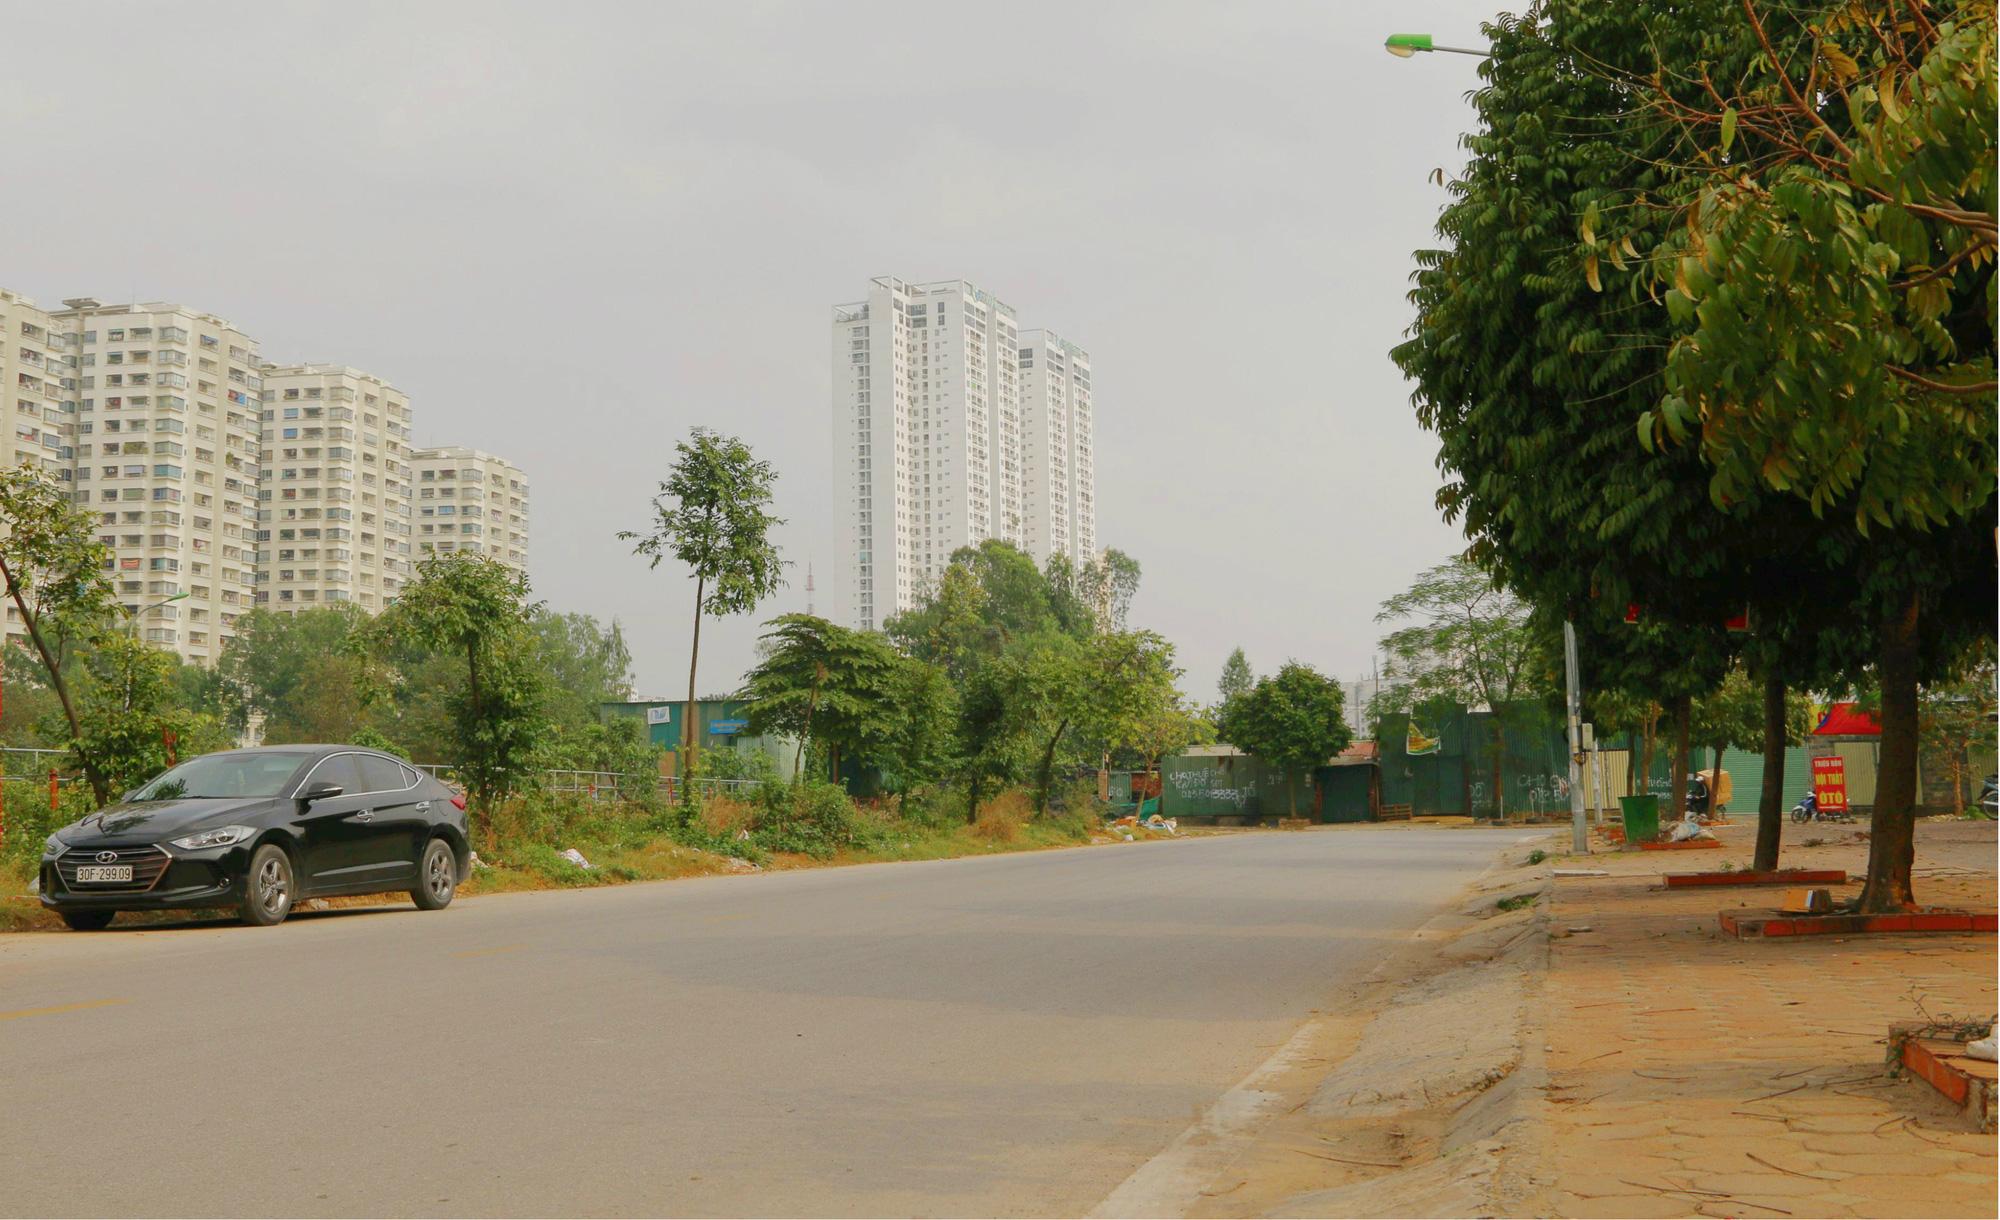 Qui hoạch giao thông Hà Nội: 4 đường sẽ mở ở phường Mễ Trì, Nam Từ Liêm - Ảnh 11.